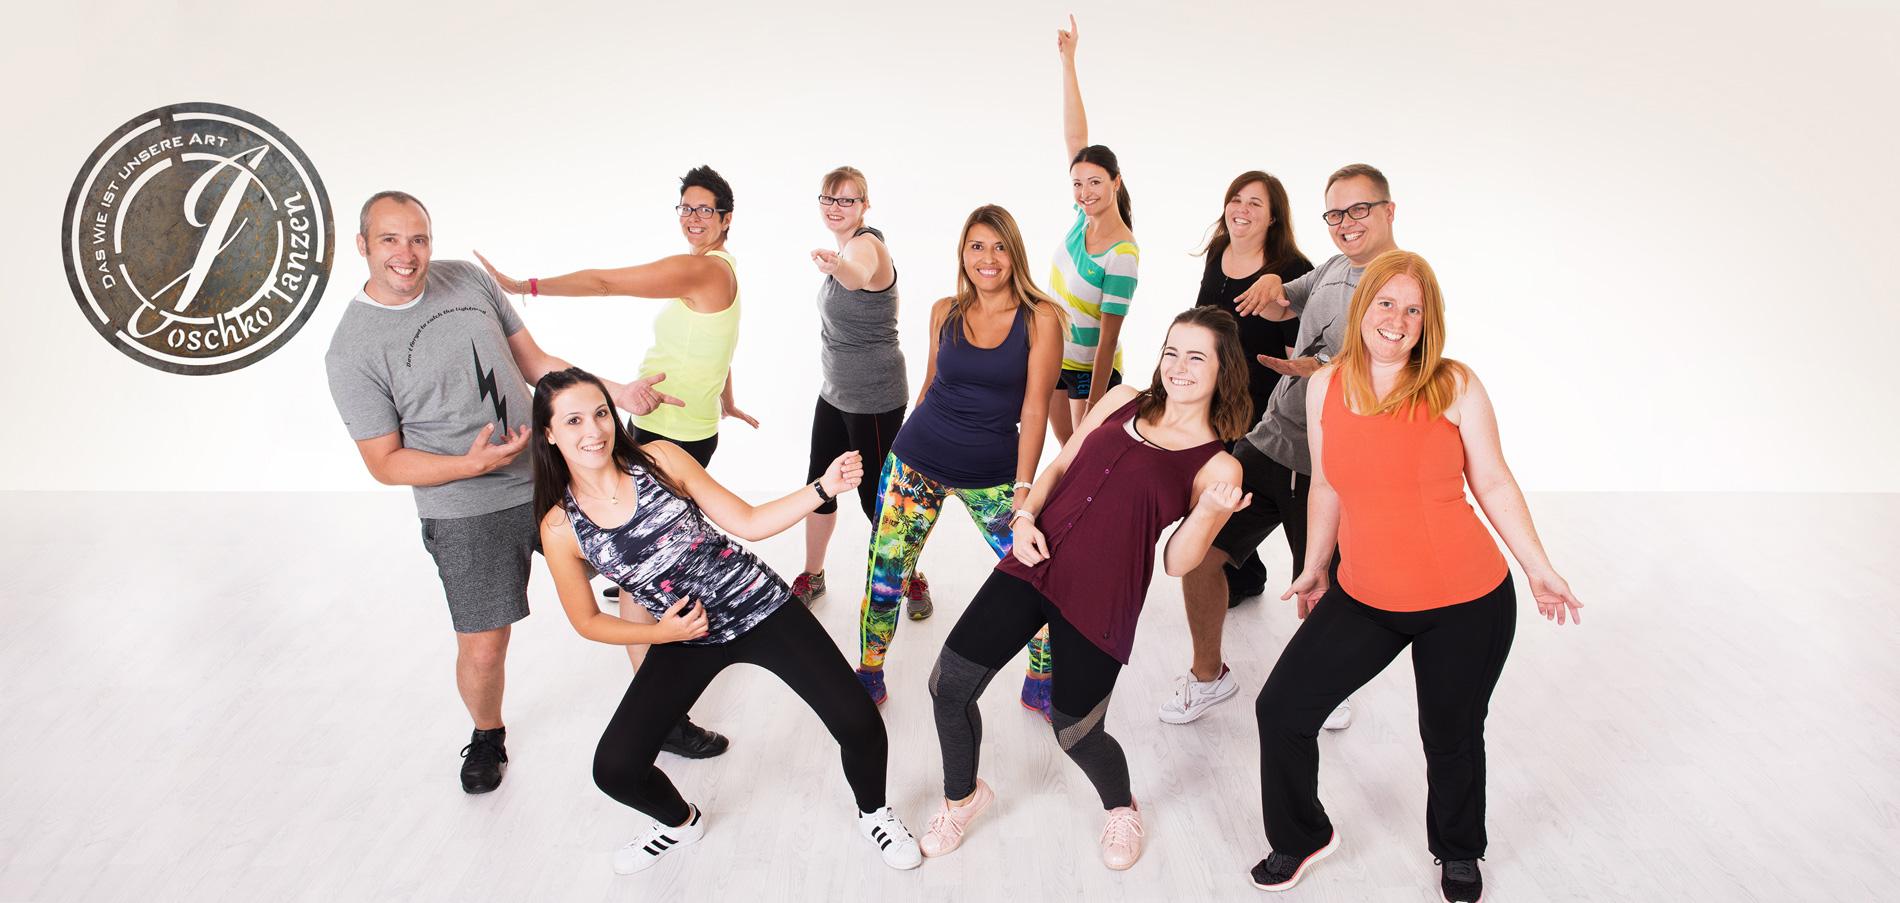 Joschko Tanzen - Fitness